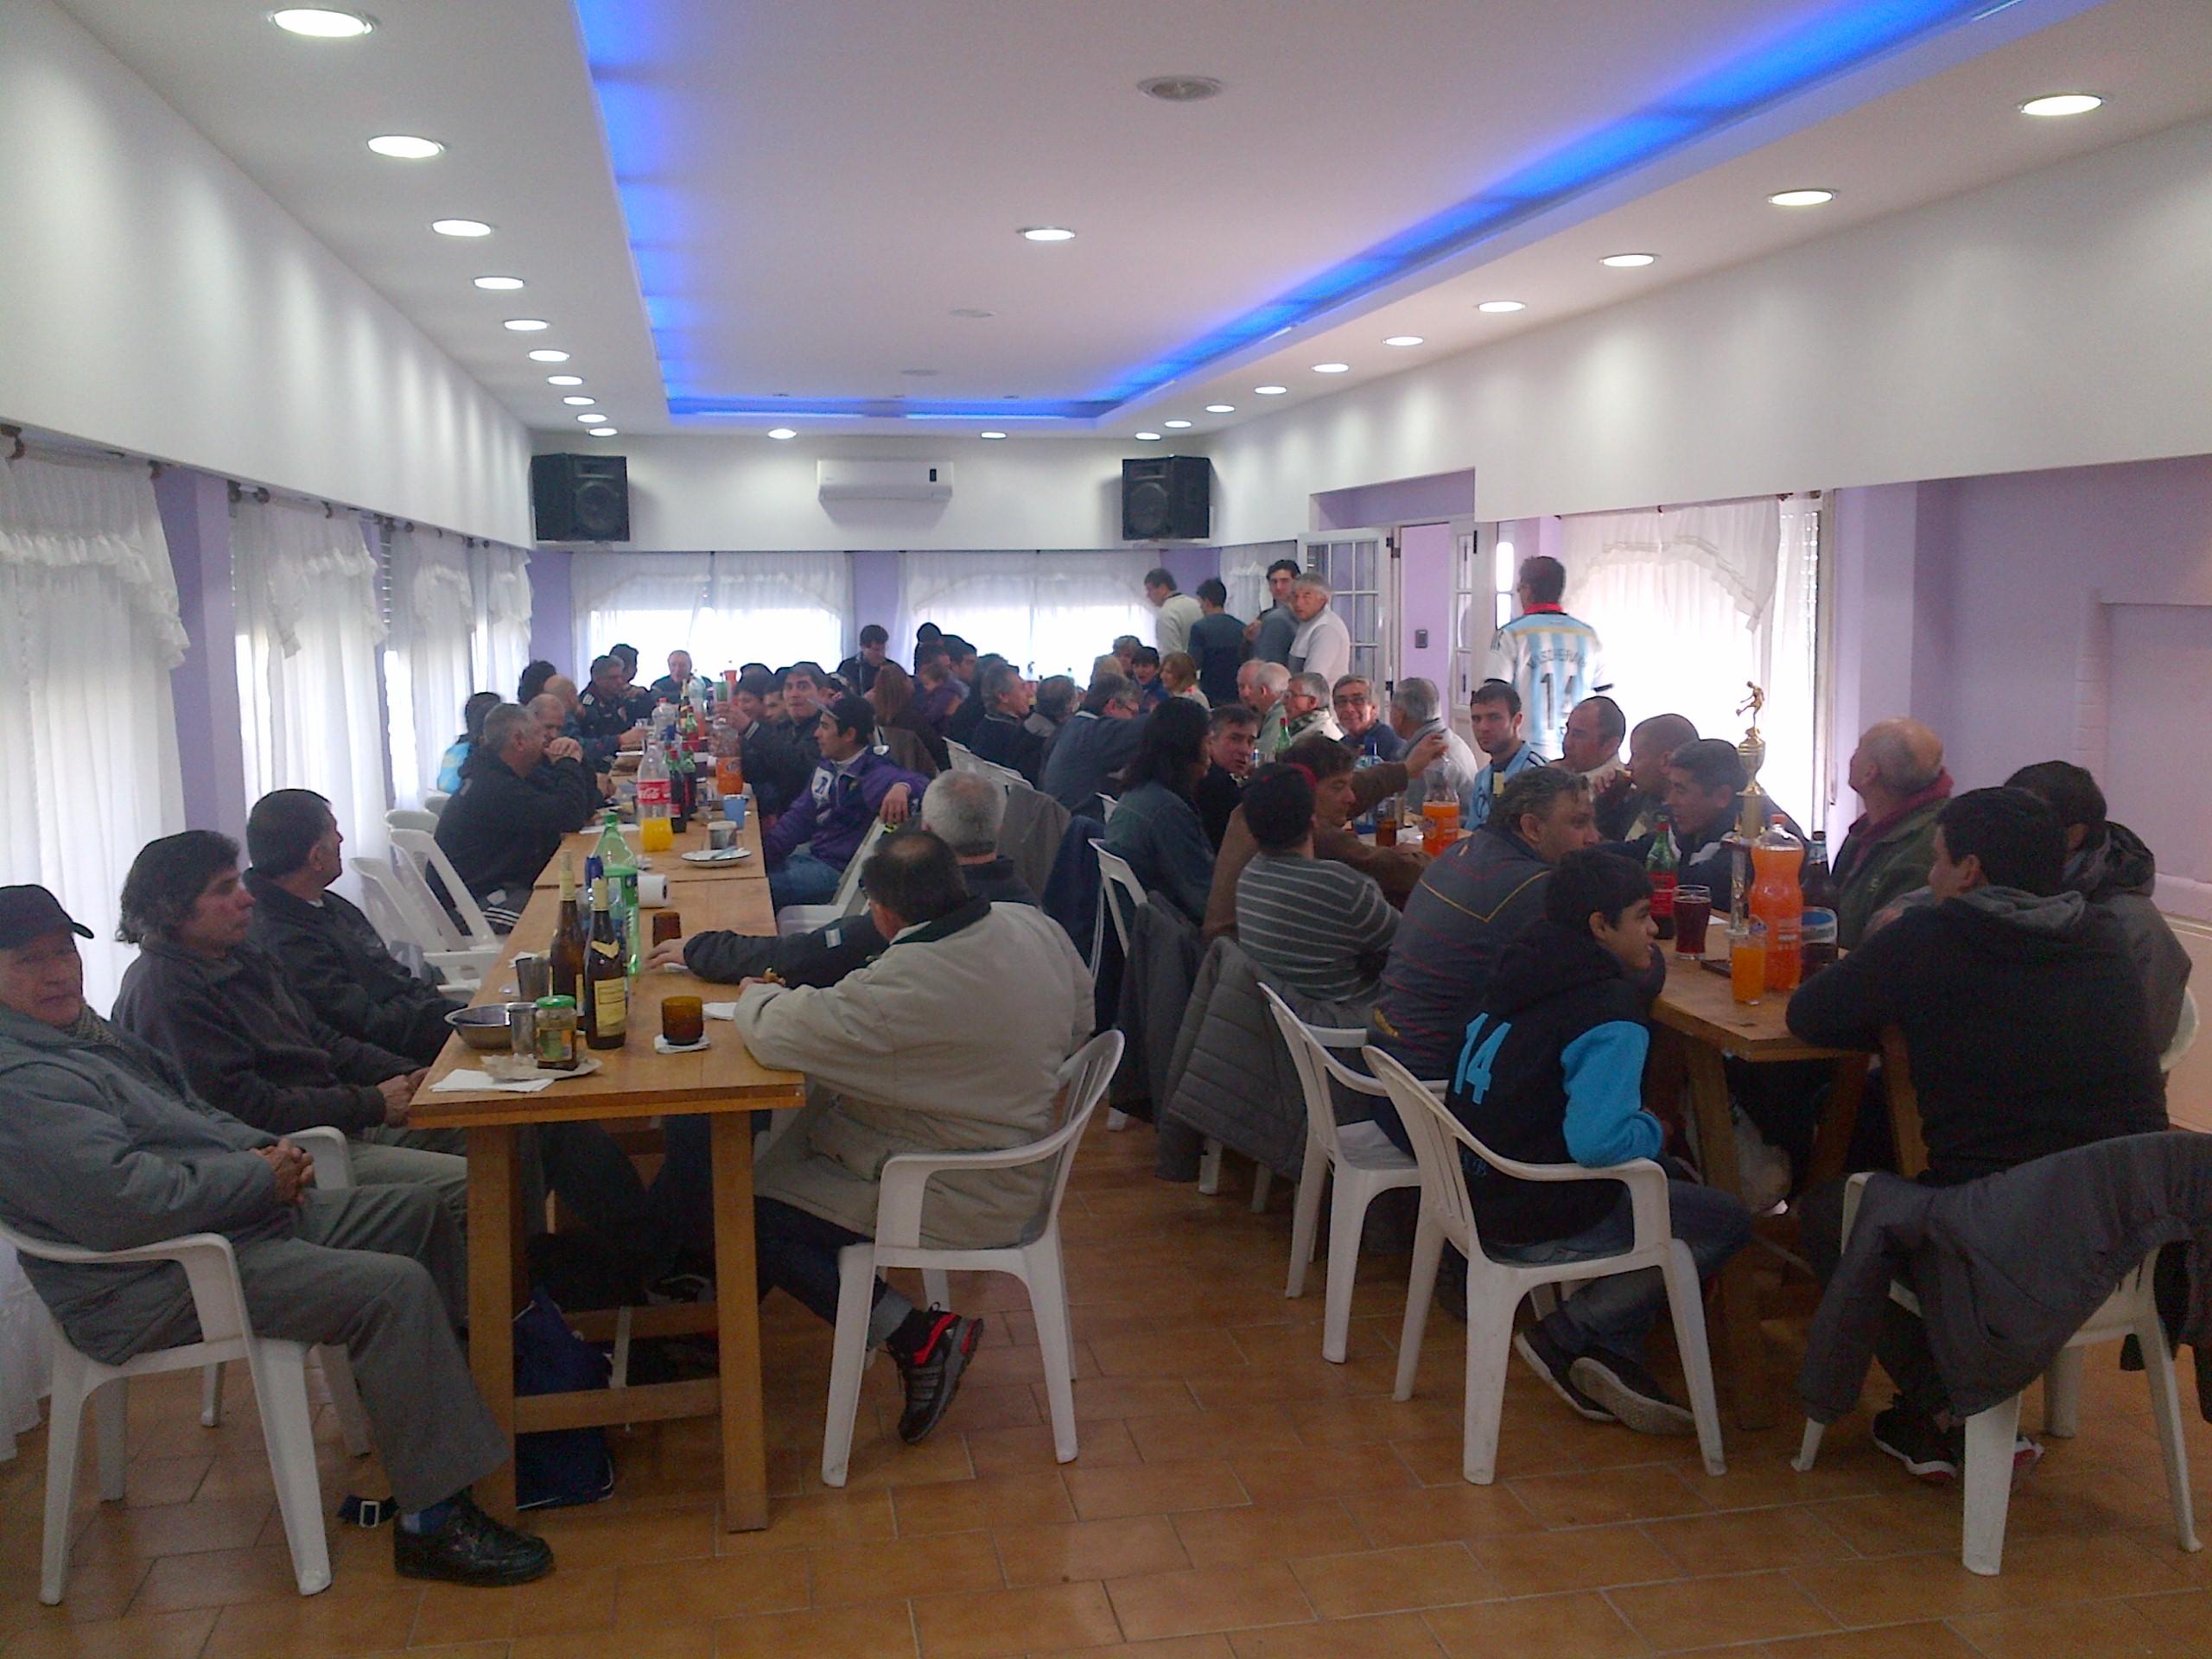 3-_Los_compañeros_compartiendo_unas_empanadas_antes_de_empezar2.jpg